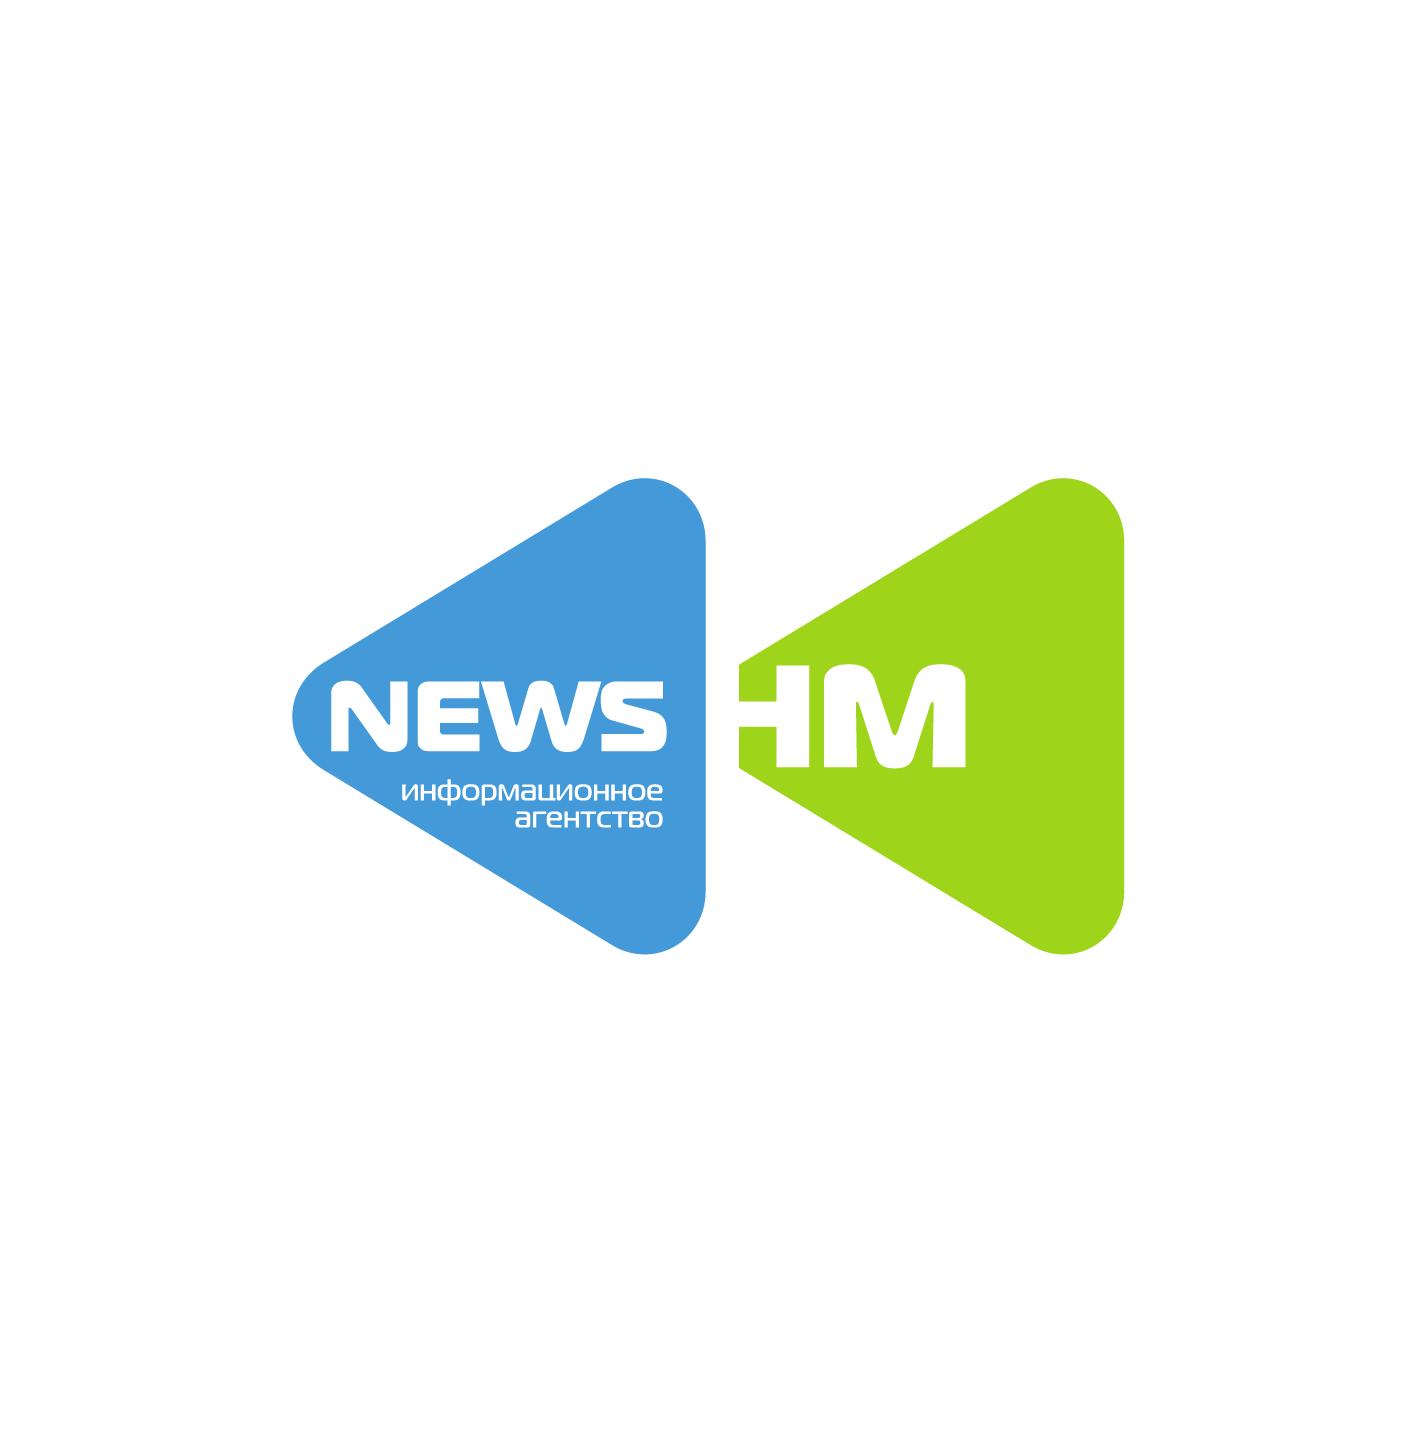 Логотип для информационного агентства фото f_0725aa7af6c5d72d.png